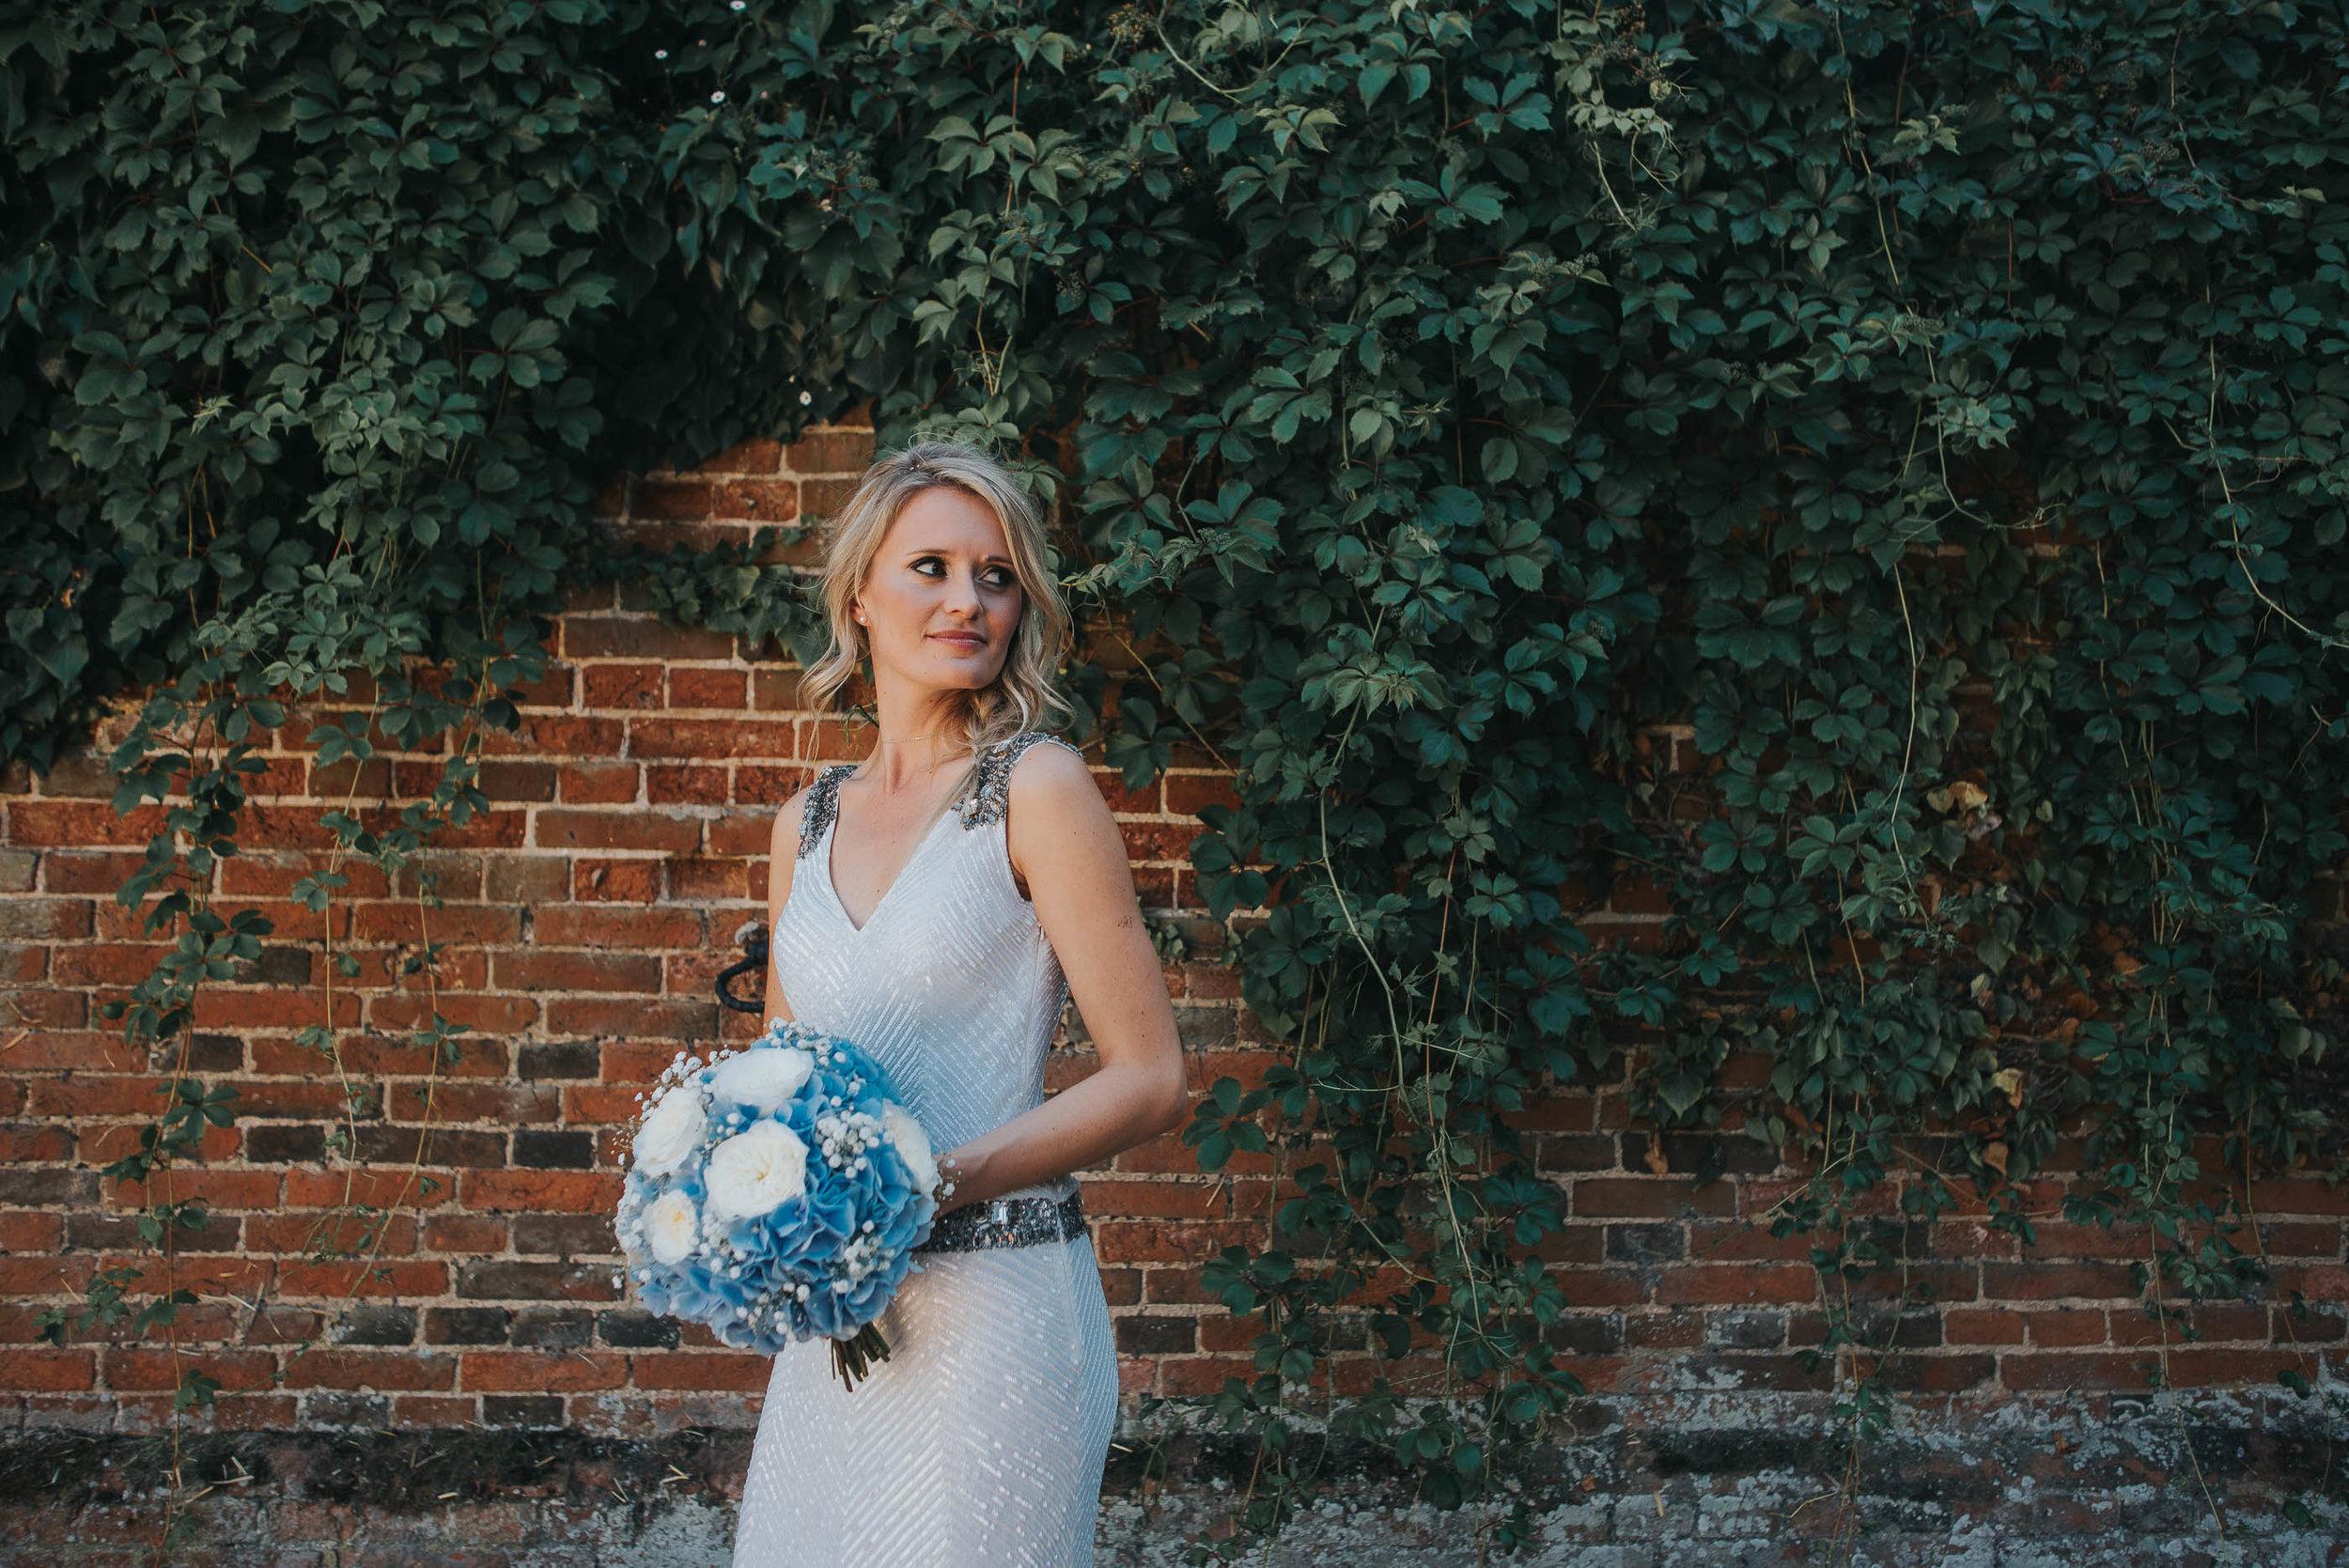 Creative Unique Wedding Photographer Essex Suffolk UK Wedding Photographer www.purplepeartreephotography.com (506).JPG